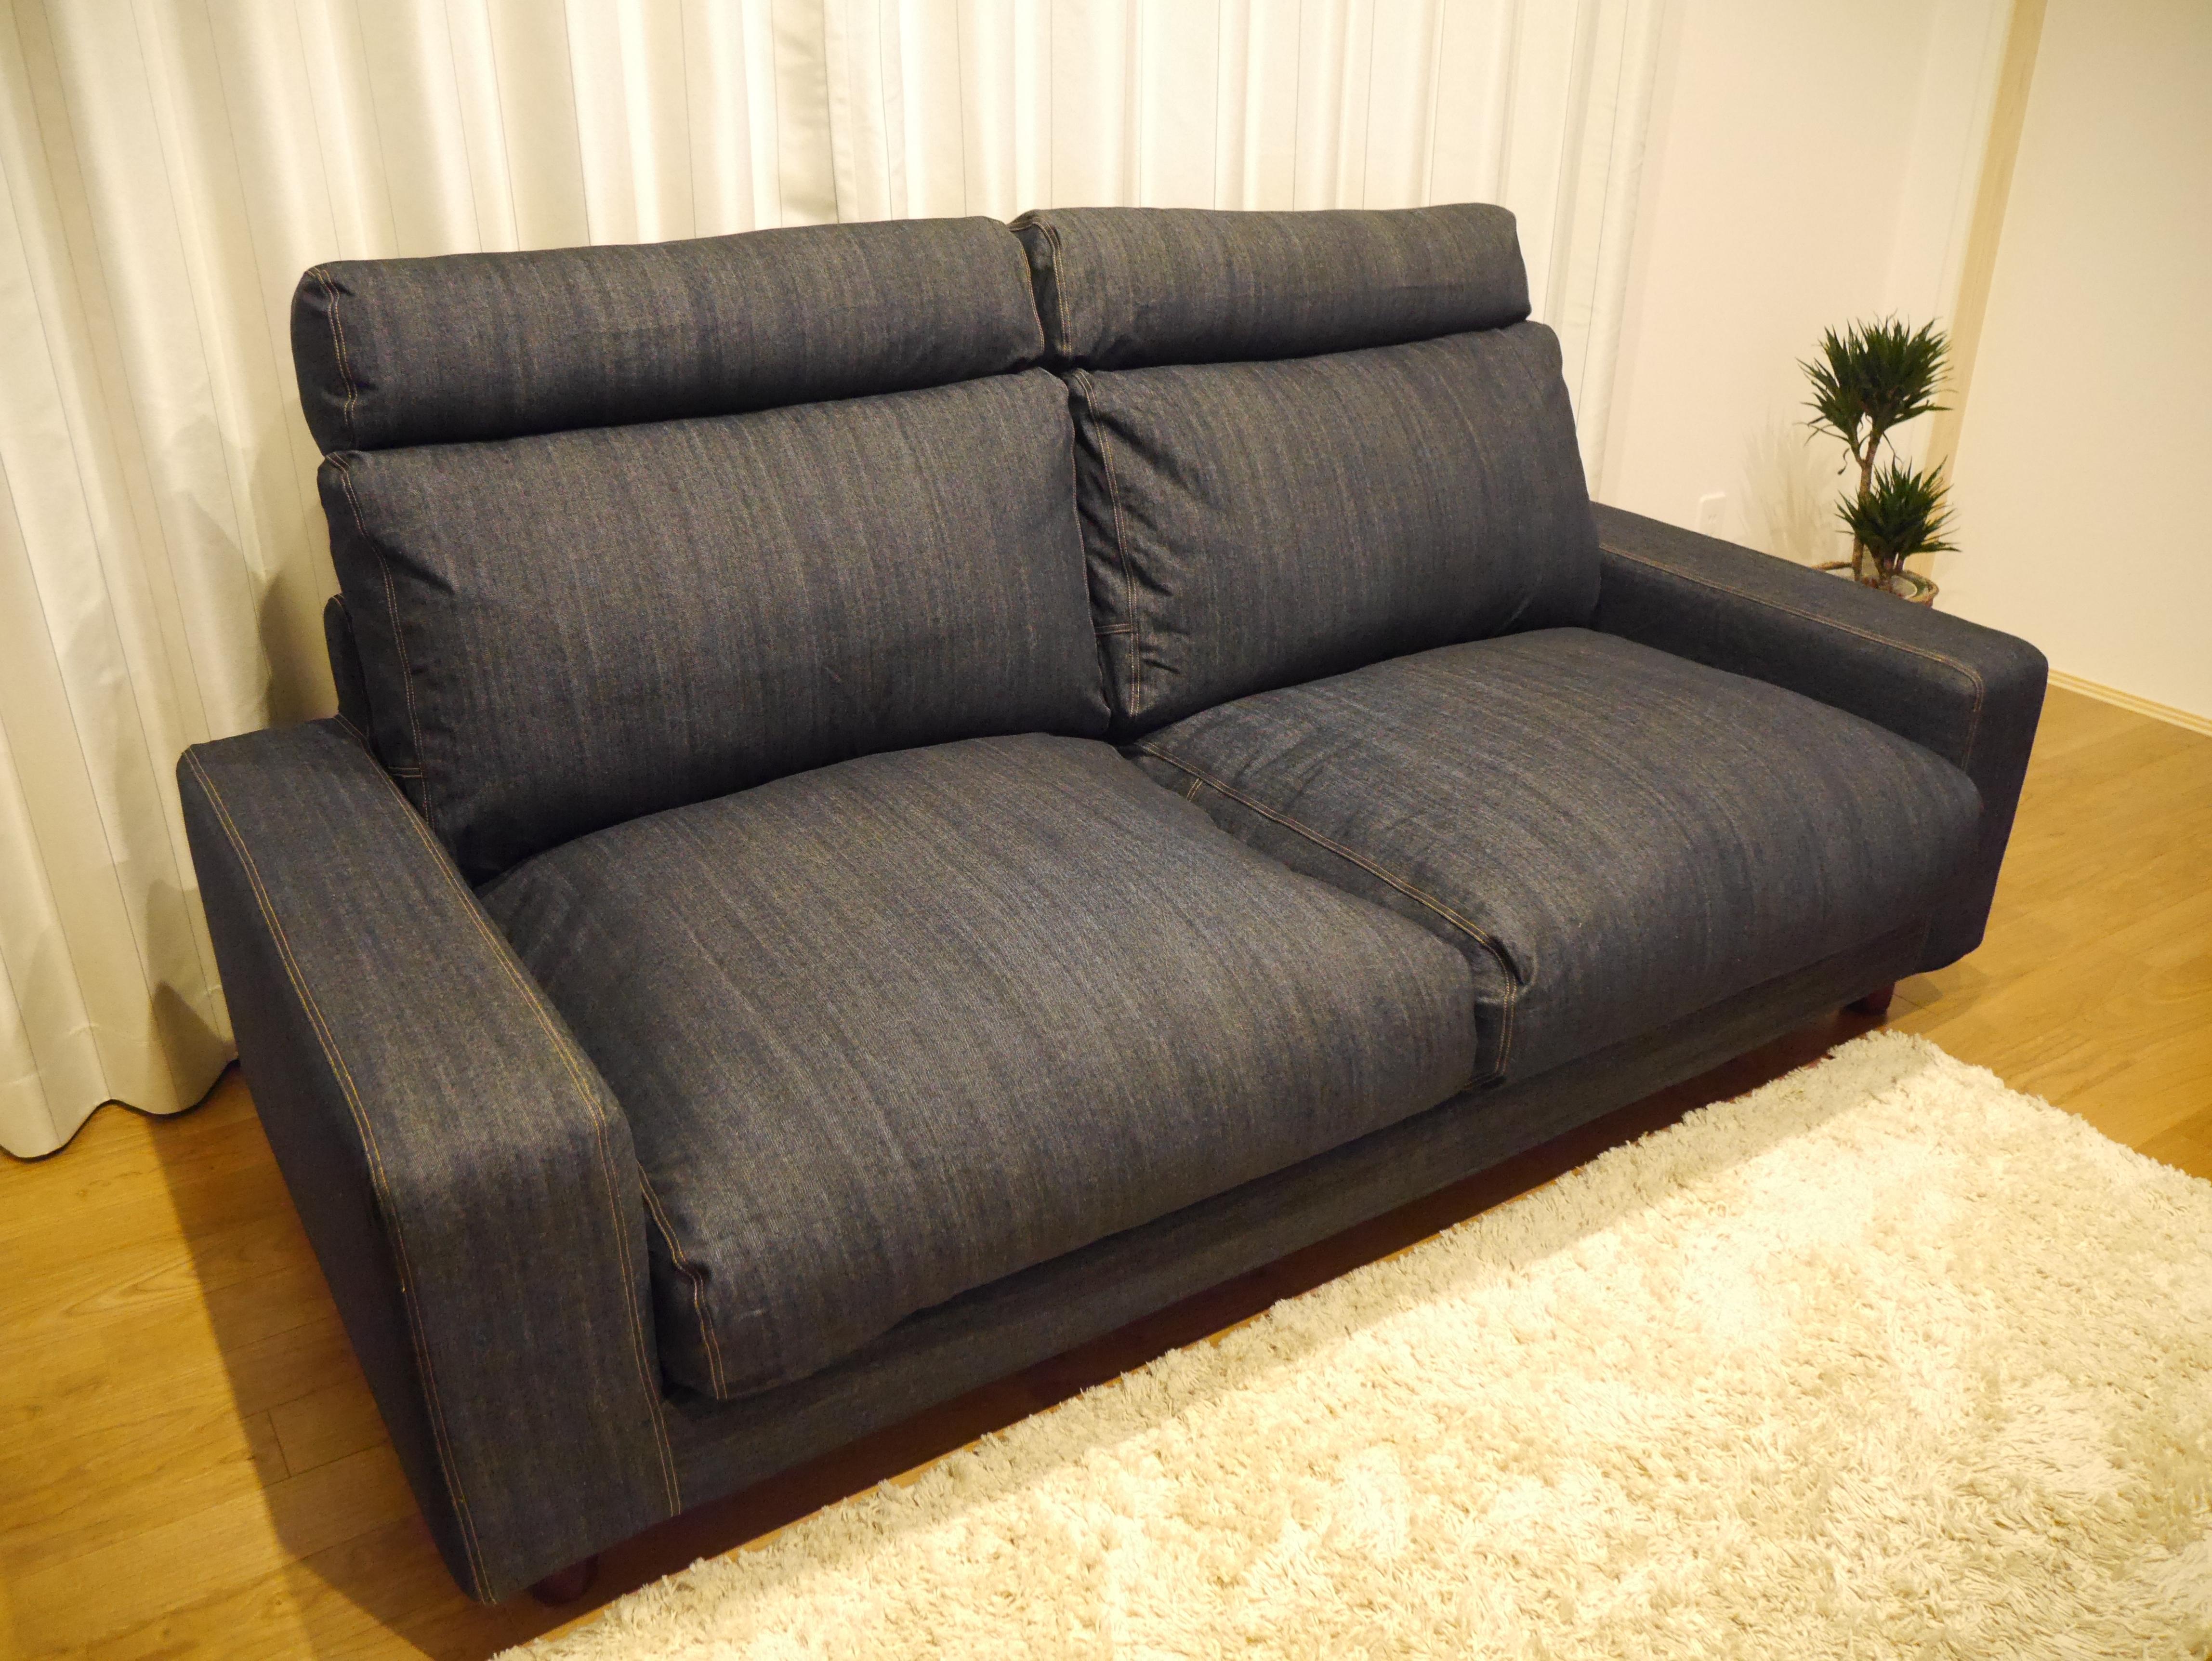 sofa001.jpg